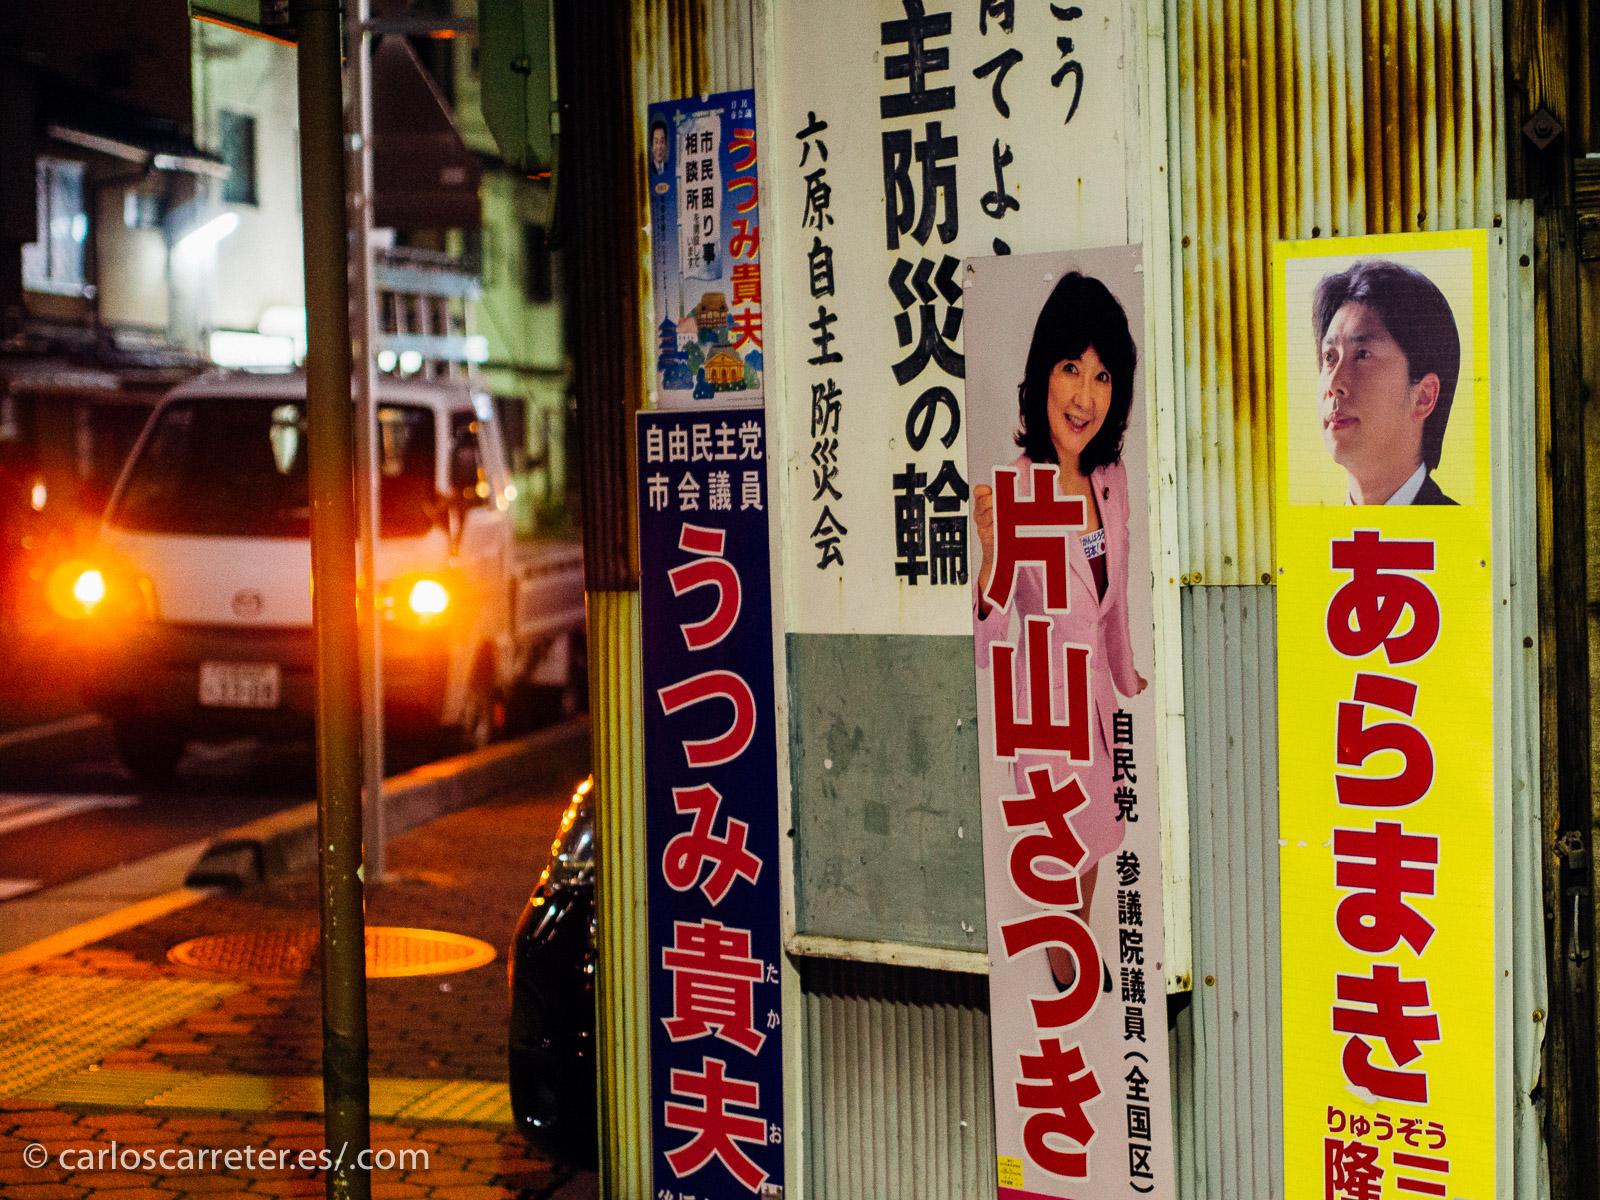 Fotografías las de hoy principalmente de Kioto, ciudad que también visita la escritora en su recorrido documental de remembranza.